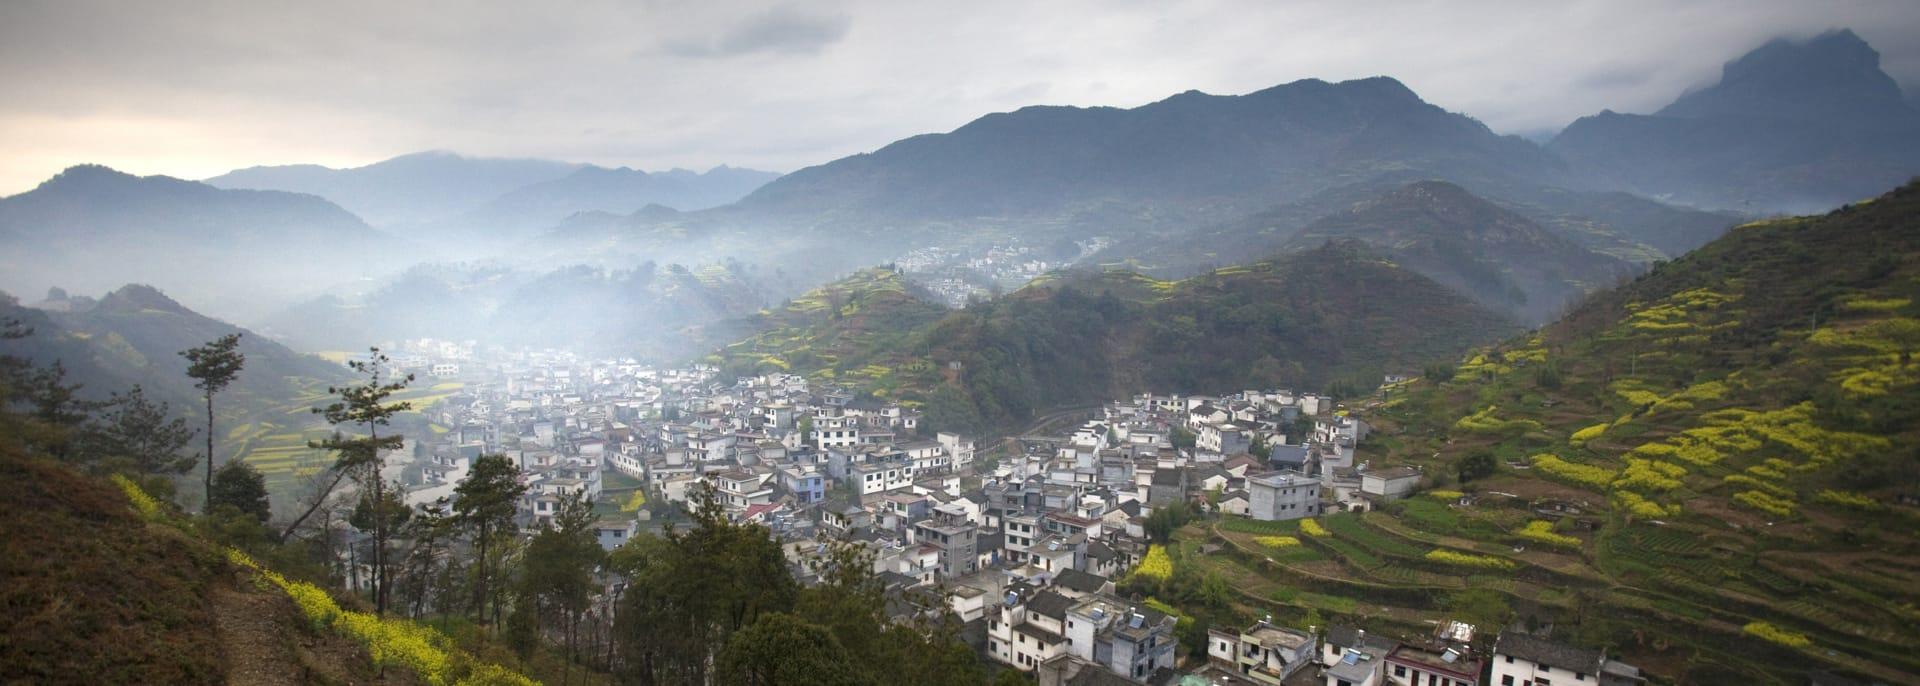 Dorf, Tibet